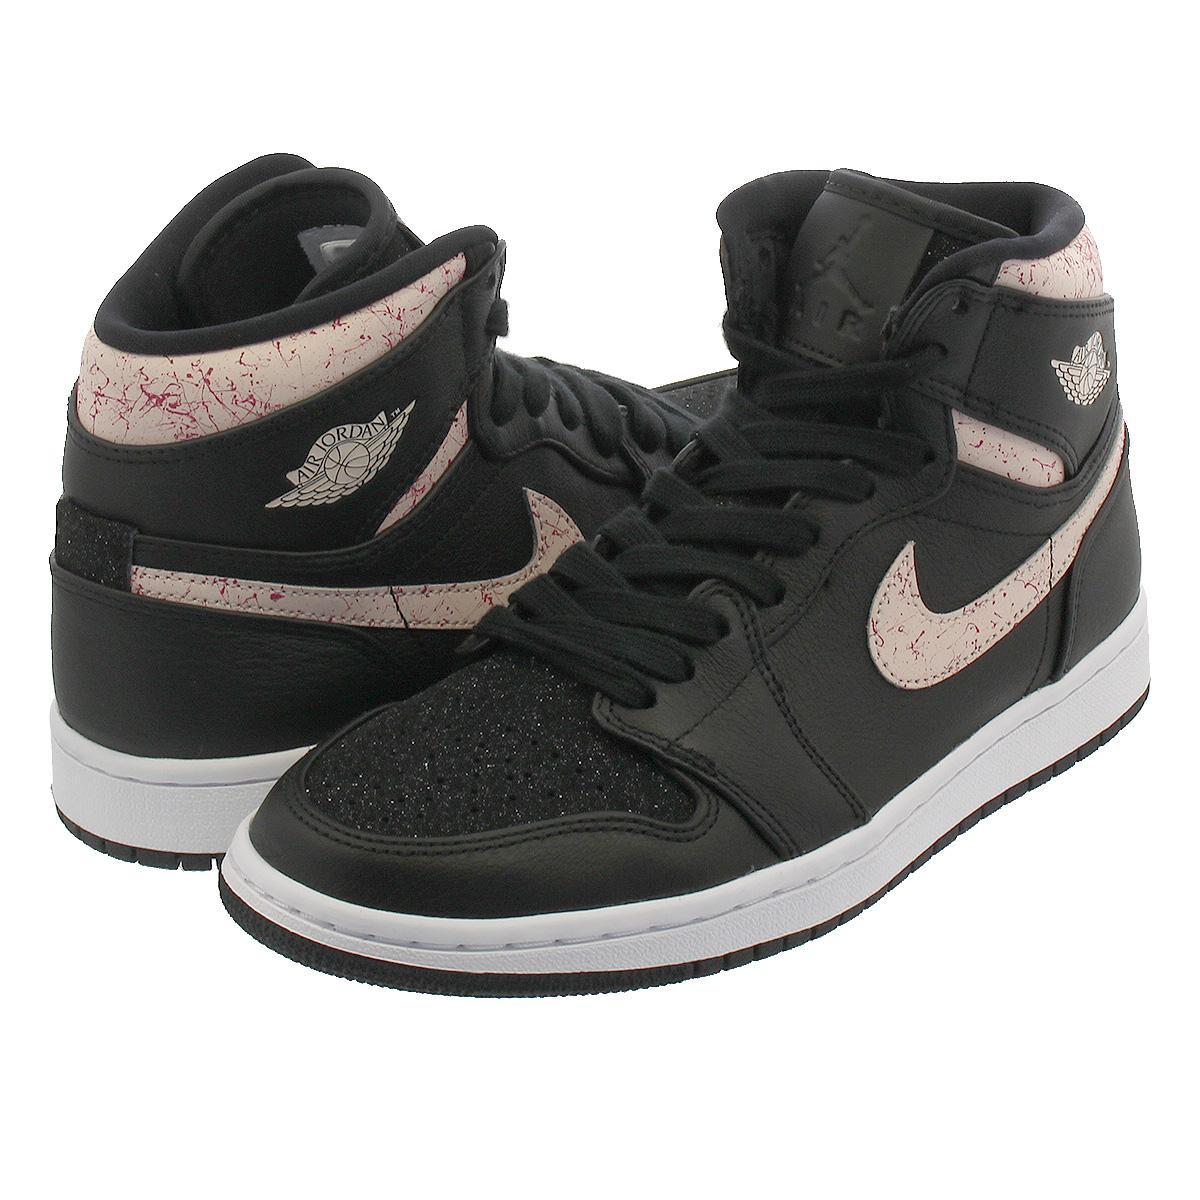 a5cc789a372 ... NIKE WMNS AIR JORDAN 1 RETRO HIGH PREMIUM Nike women Air Jordan 1  nostalgic high premium ...